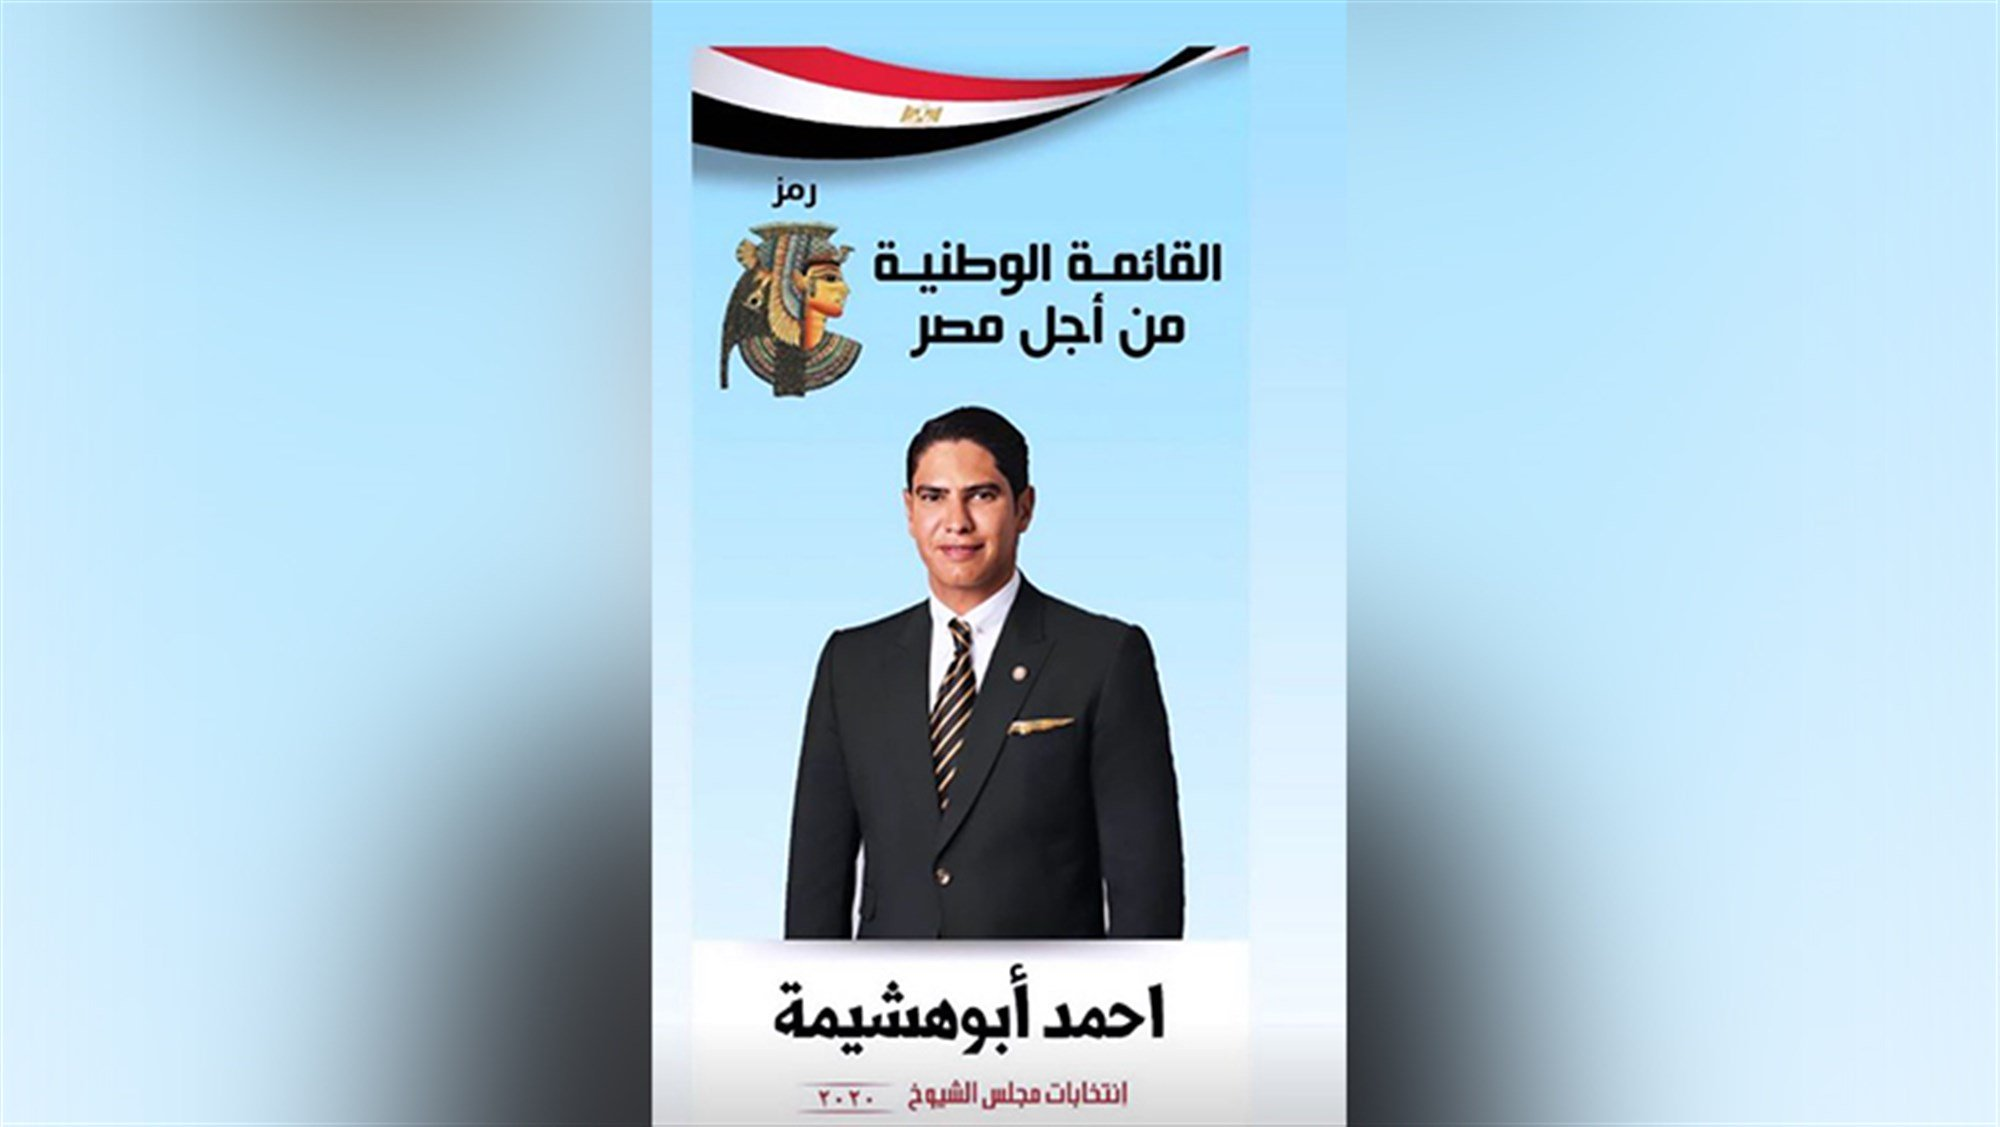 ياسمين صبري تدعم أبو هشيمة في معركته الانتخابية